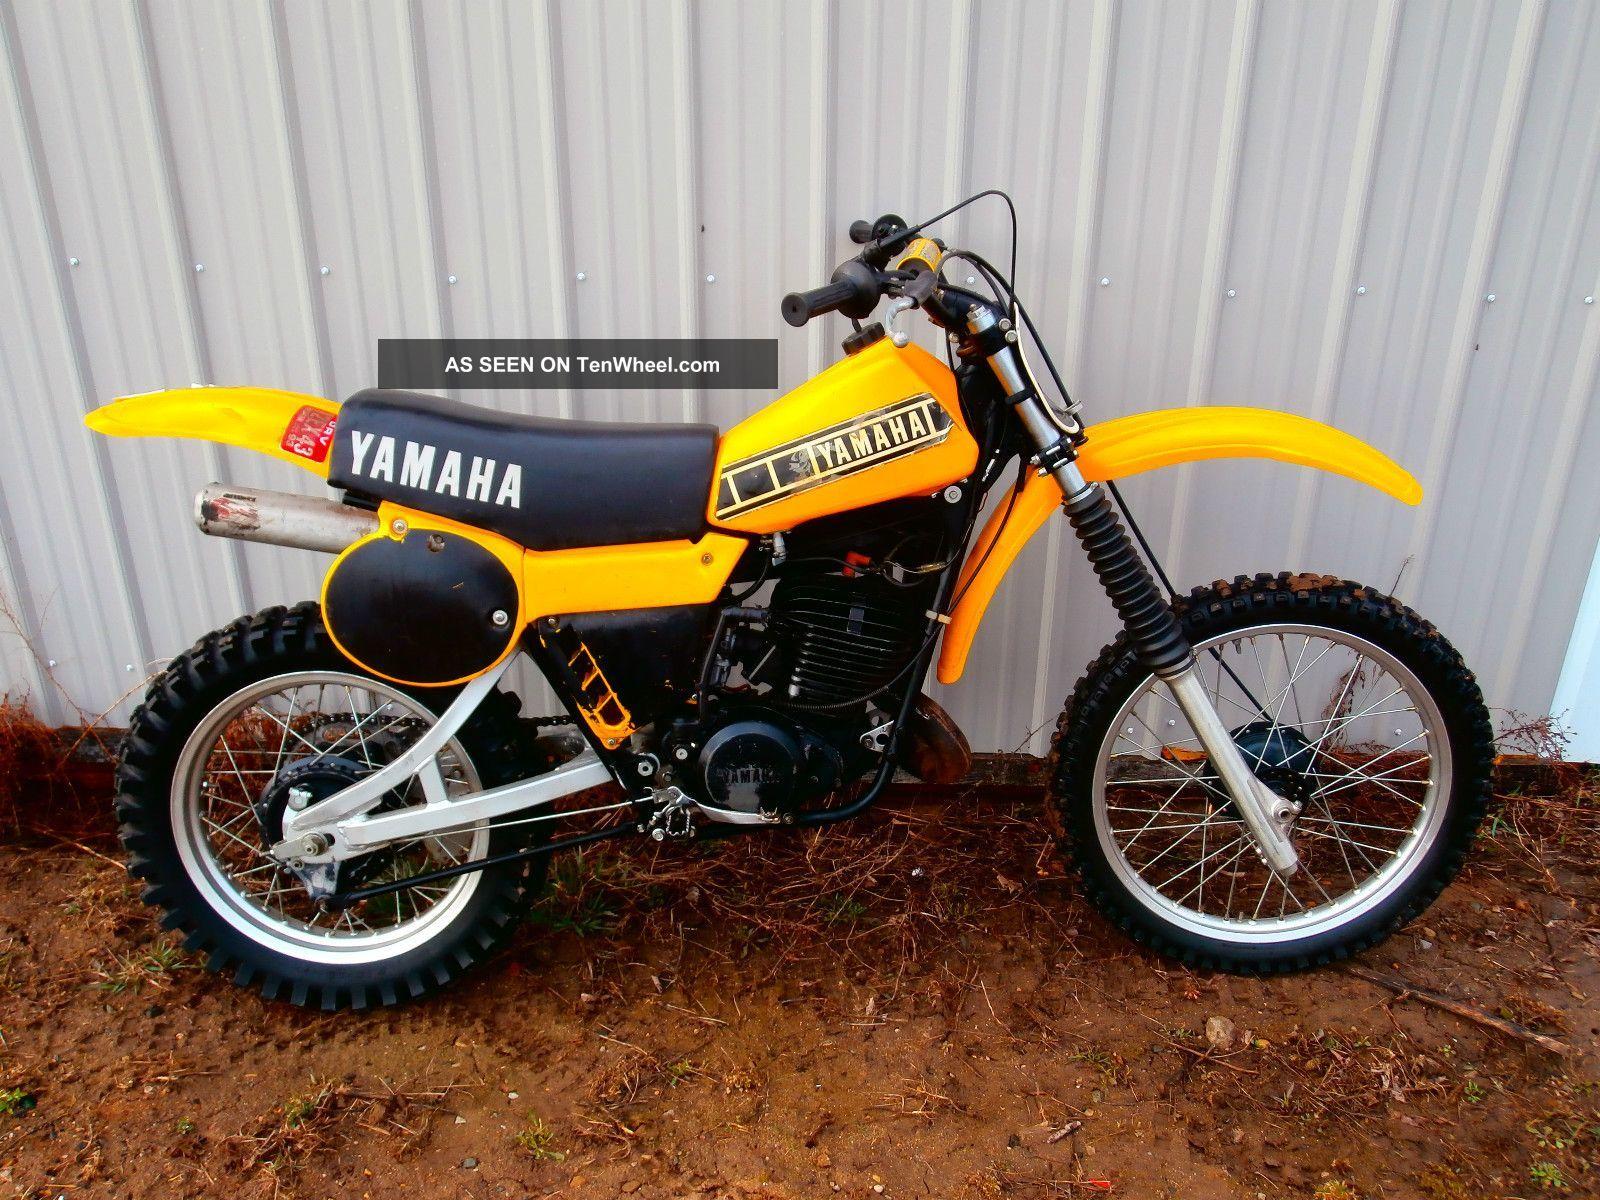 Mini Kühlschrank Yamaha : 1979 yamaha yz400 motas pinterest